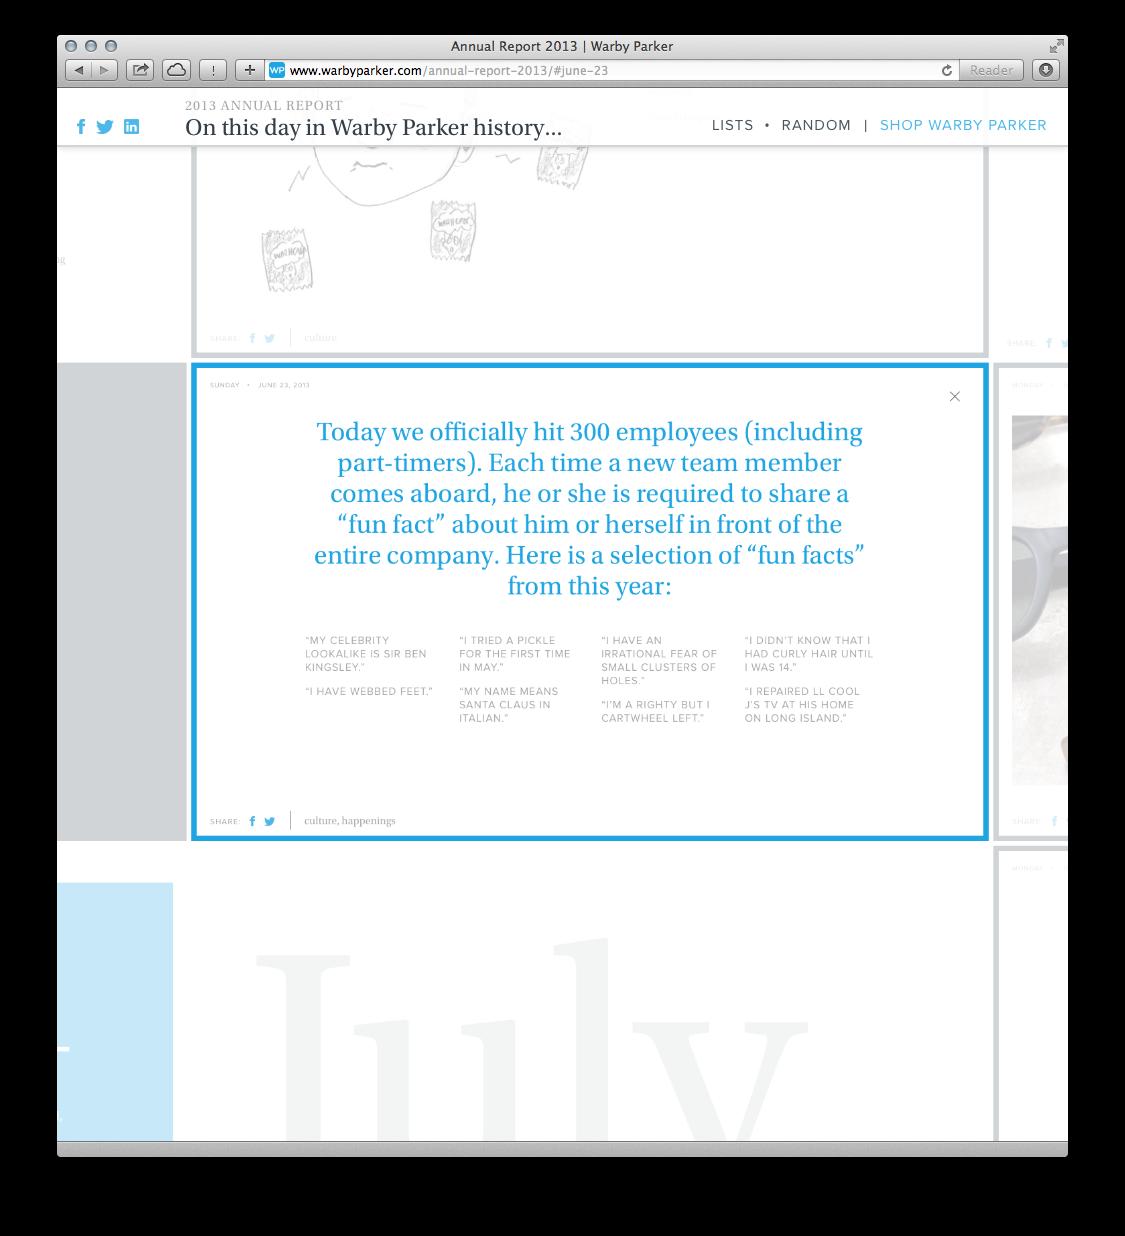 MSLK-warby-parker-annual-report-2013-3